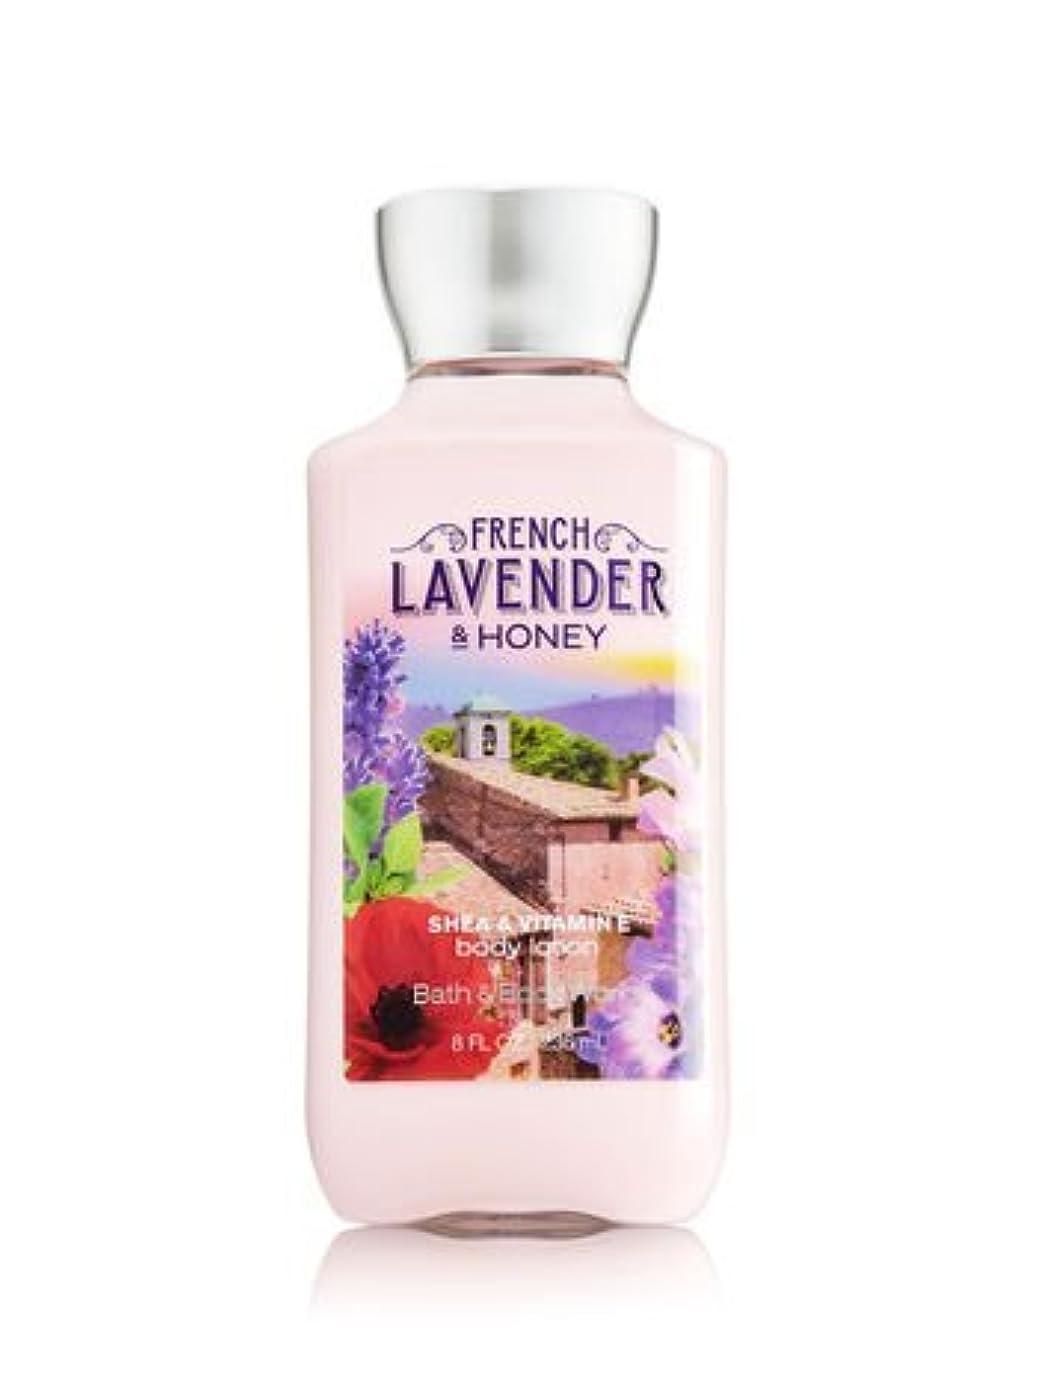 強度後ろ、背後、背面(部靴下【Bath&Body Works/バス&ボディワークス】 ボディローション フレンチラベンダー&ハニー Body Lotion French Lavender & Honey 8 fl oz / 236 mL [並行輸入品]